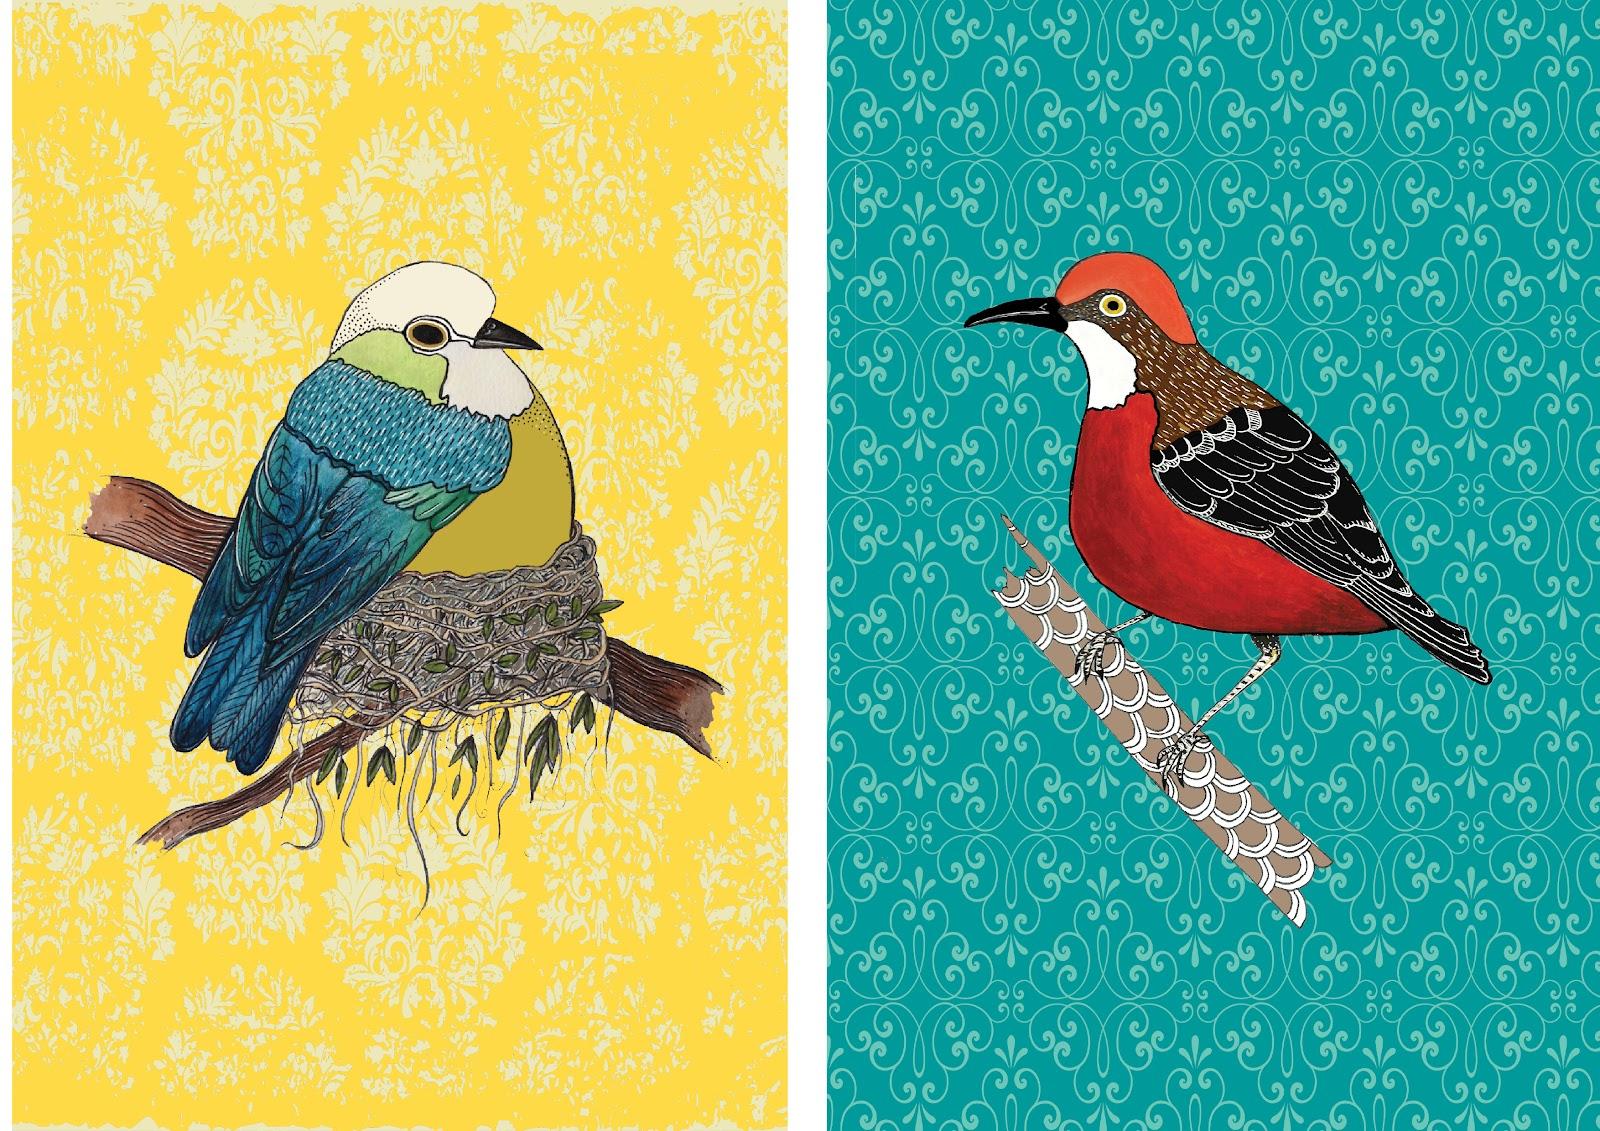 http://3.bp.blogspot.com/-emOI6G5UJQQ/TzRksr8JoyI/AAAAAAAAFR8/WmJ8D9mqTyg/s1600/Birds%2Bwith%2Bwallpaper%2B2up%2Bexperiment.jpg